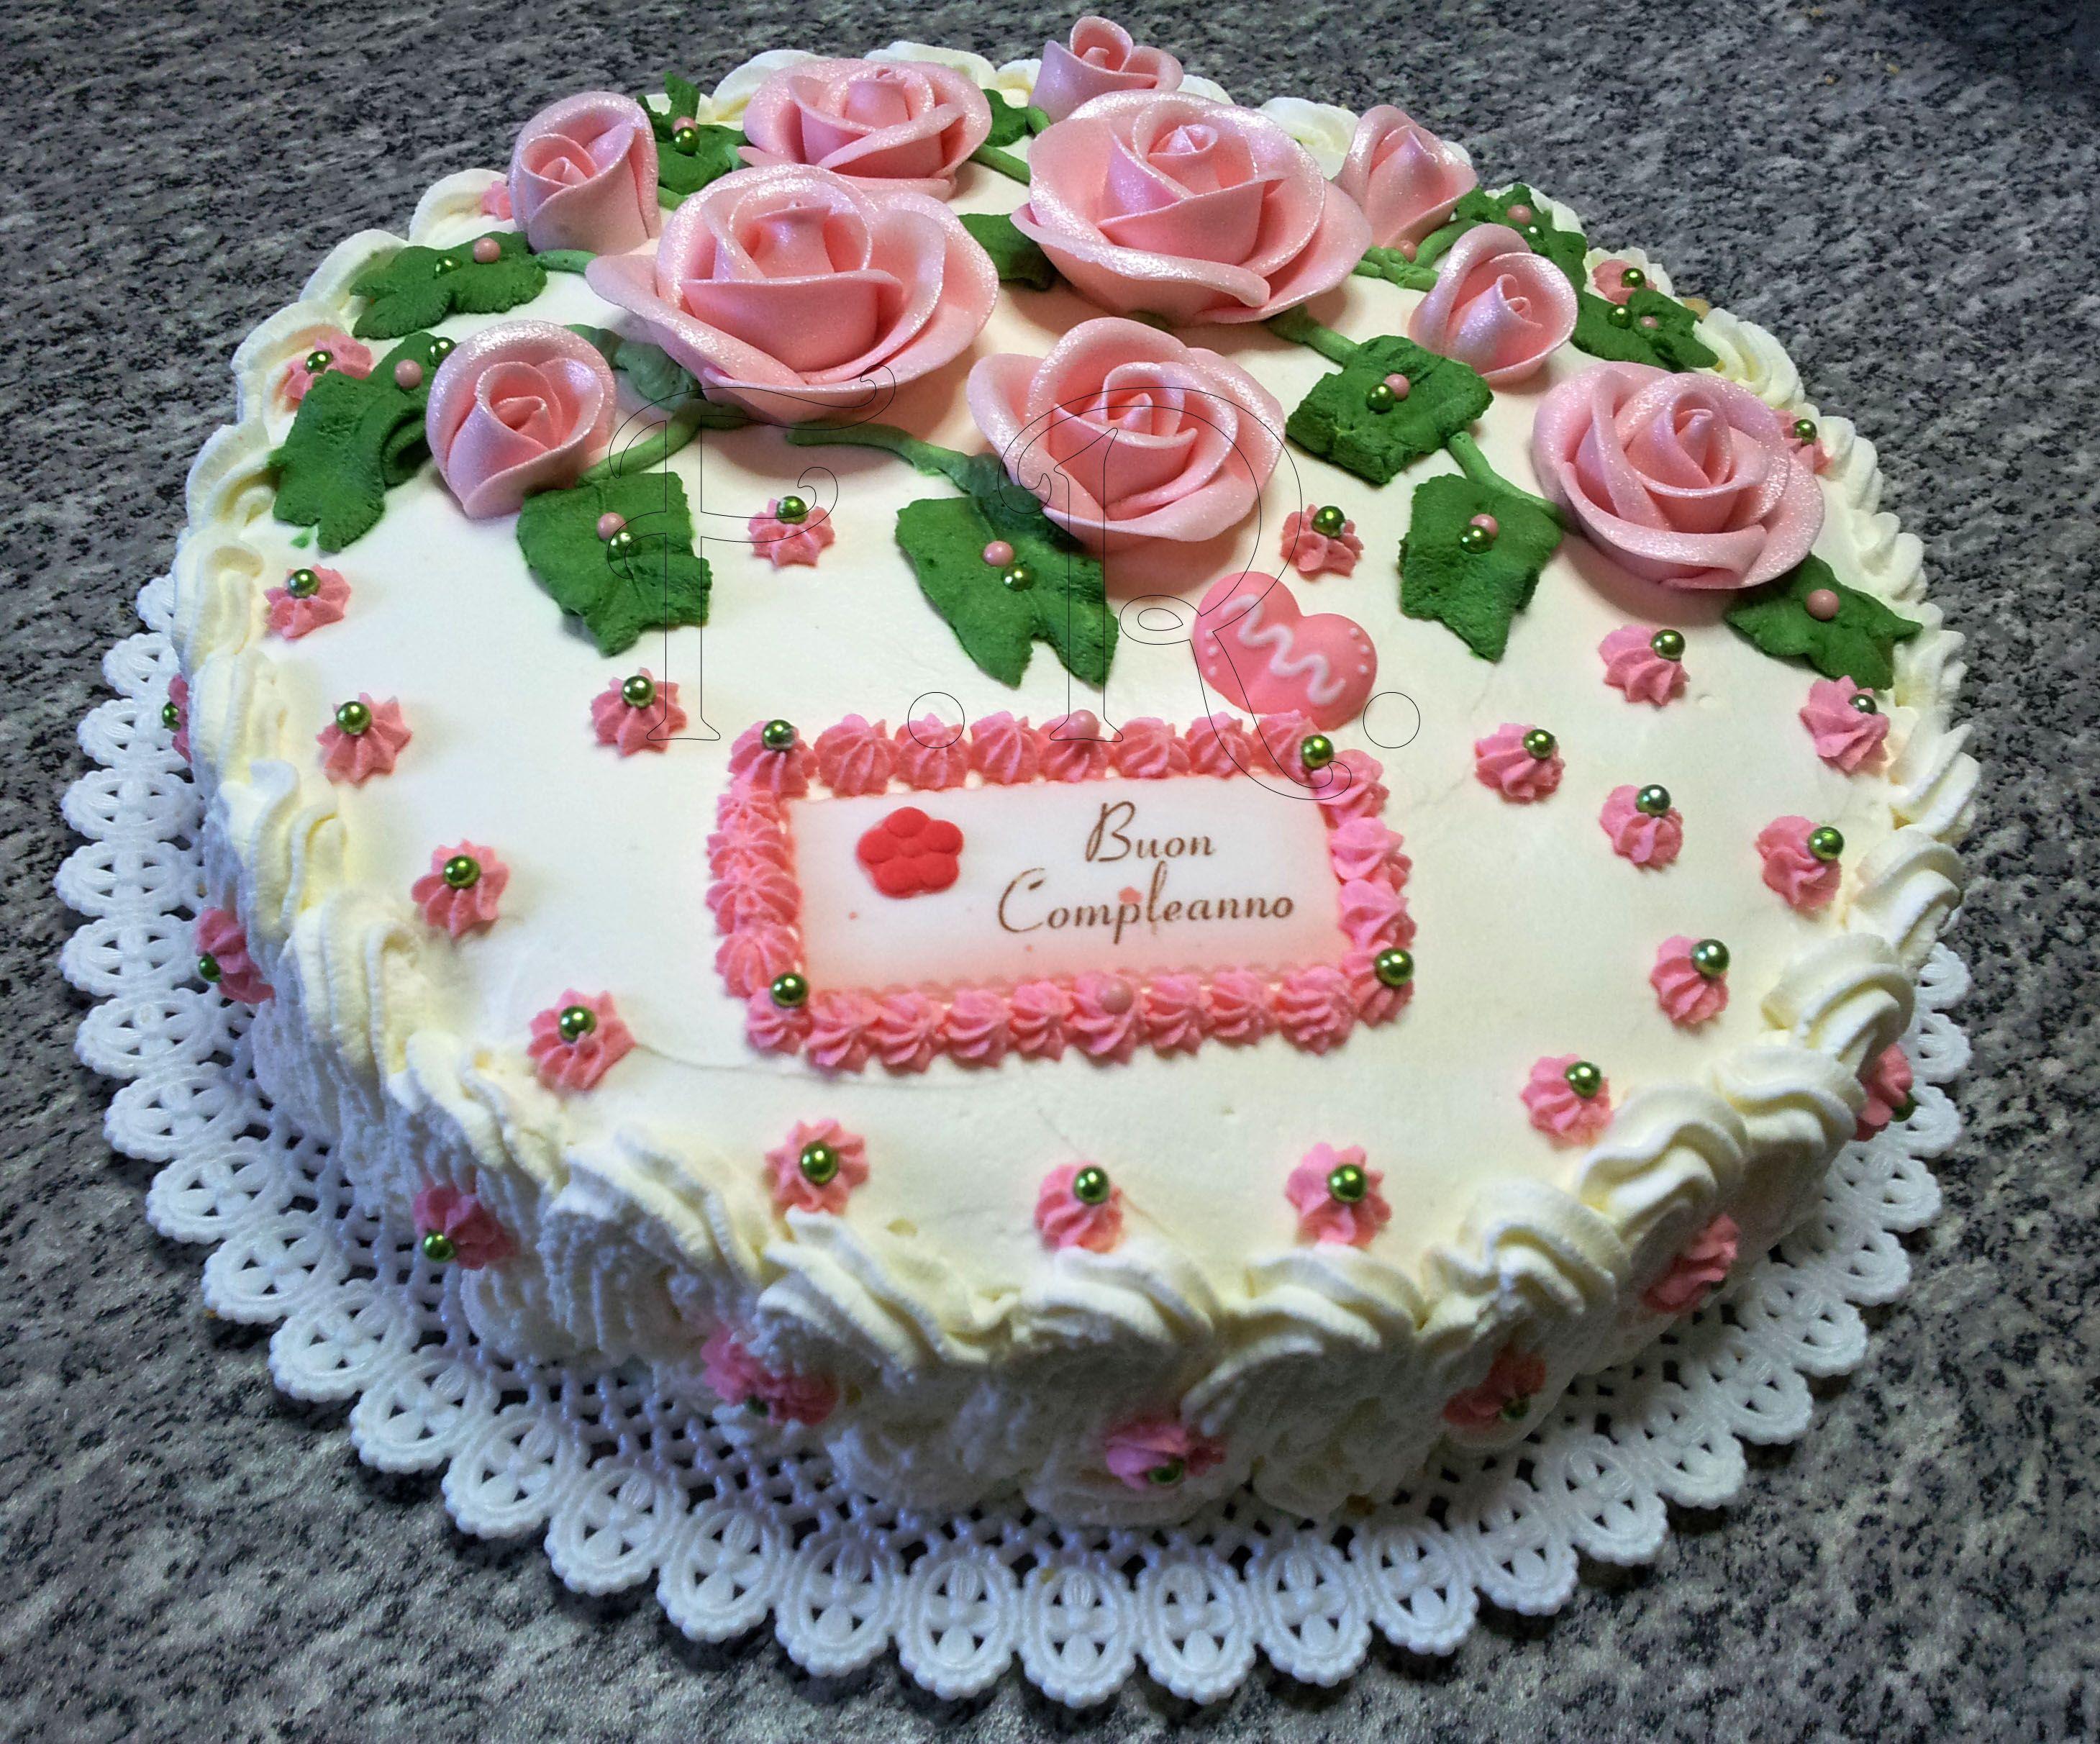 Torta Compleanno Patrizia.Buon Compleanno Patrizia Ferranti Torte Torte Di Compleanno